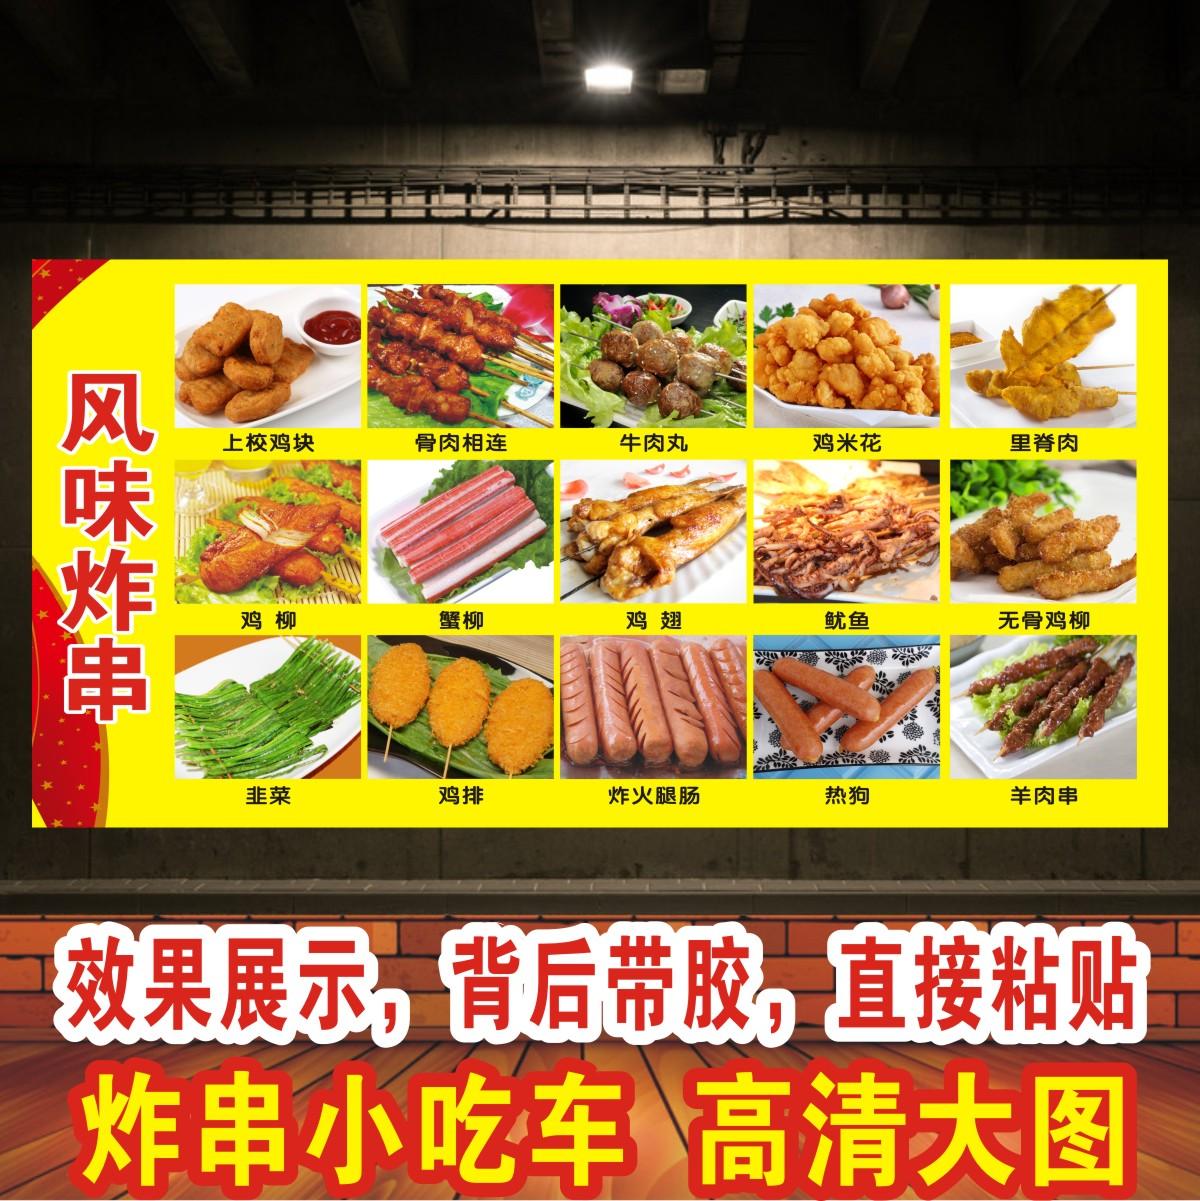 炸串v小吃打印宣传画装饰画小吃车店贴画贴纸海报设计制作广告kd内装修设计实图片